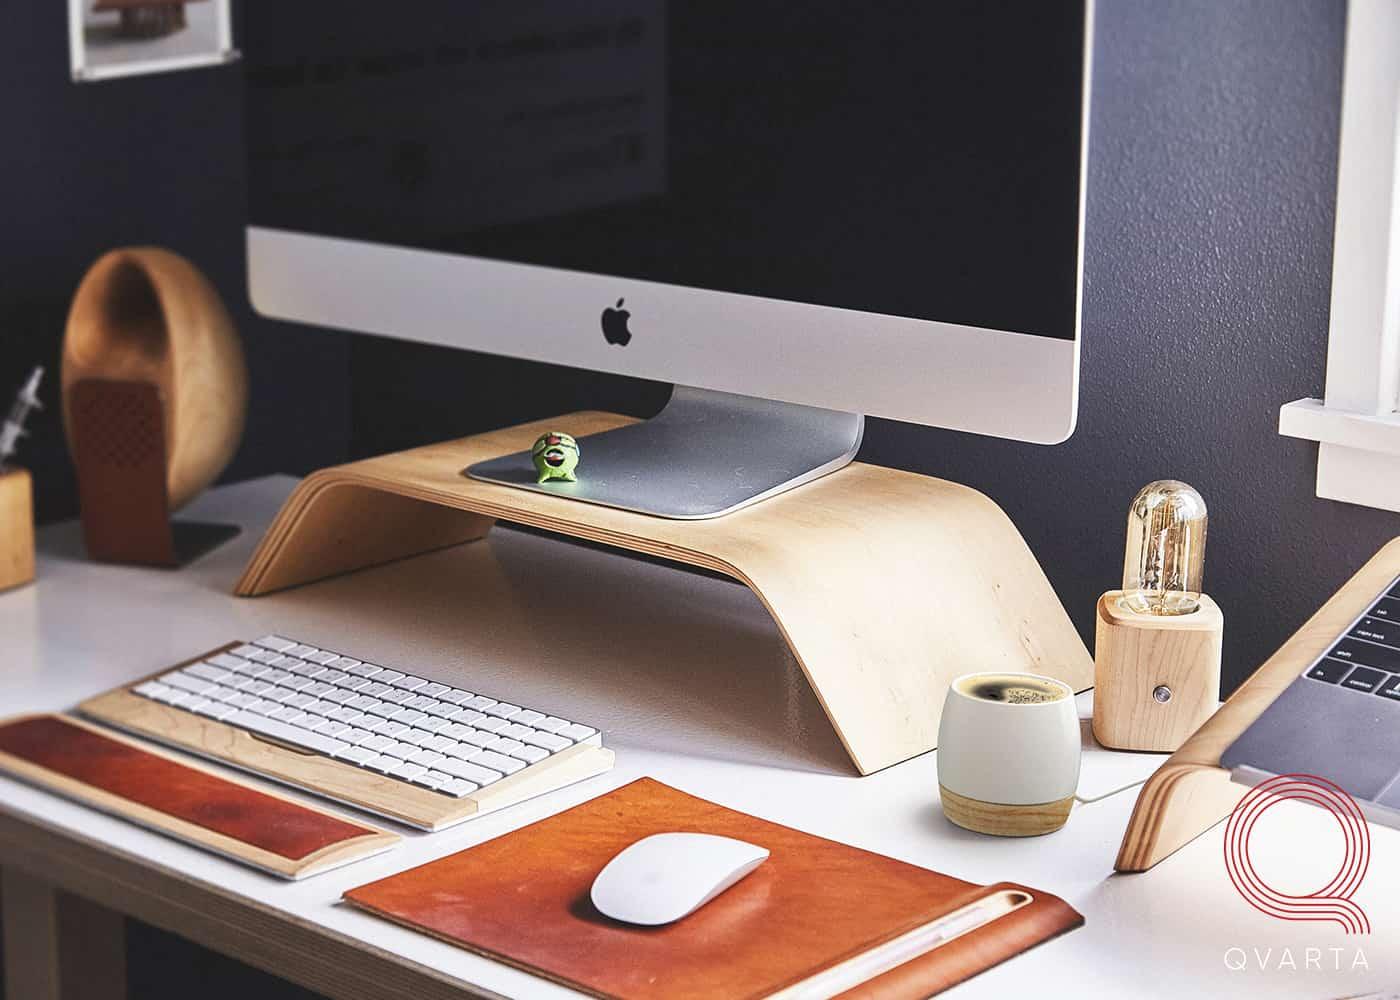 Смарт-чашка HEATLIE с кофе в интерьере возле компьютера.